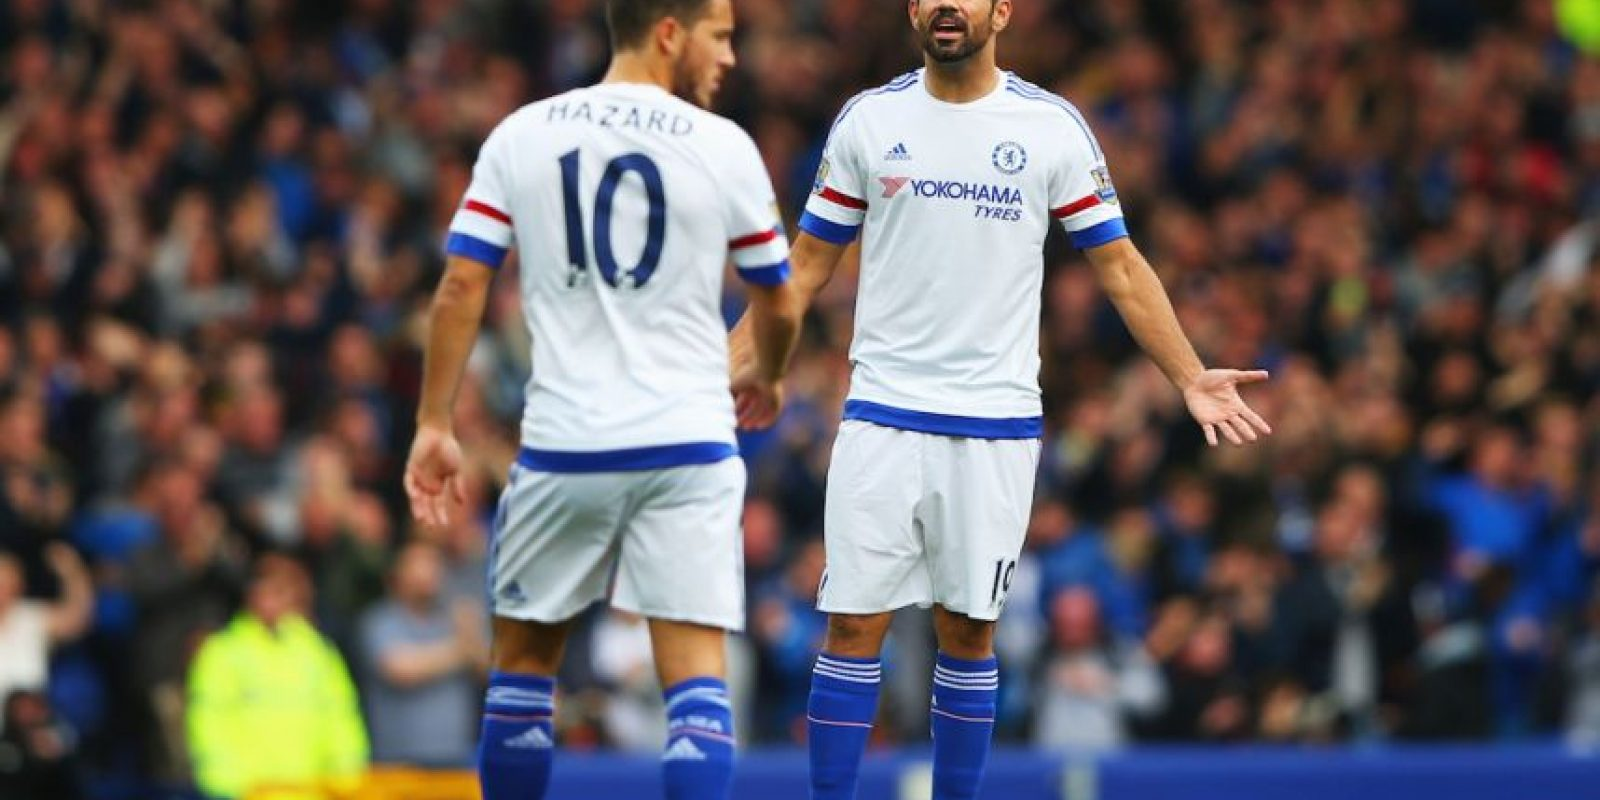 El equipo lleva sólo 4 puntos de 15 posibles en el peor inicio de temporada de su historia. Foto:Getty Images